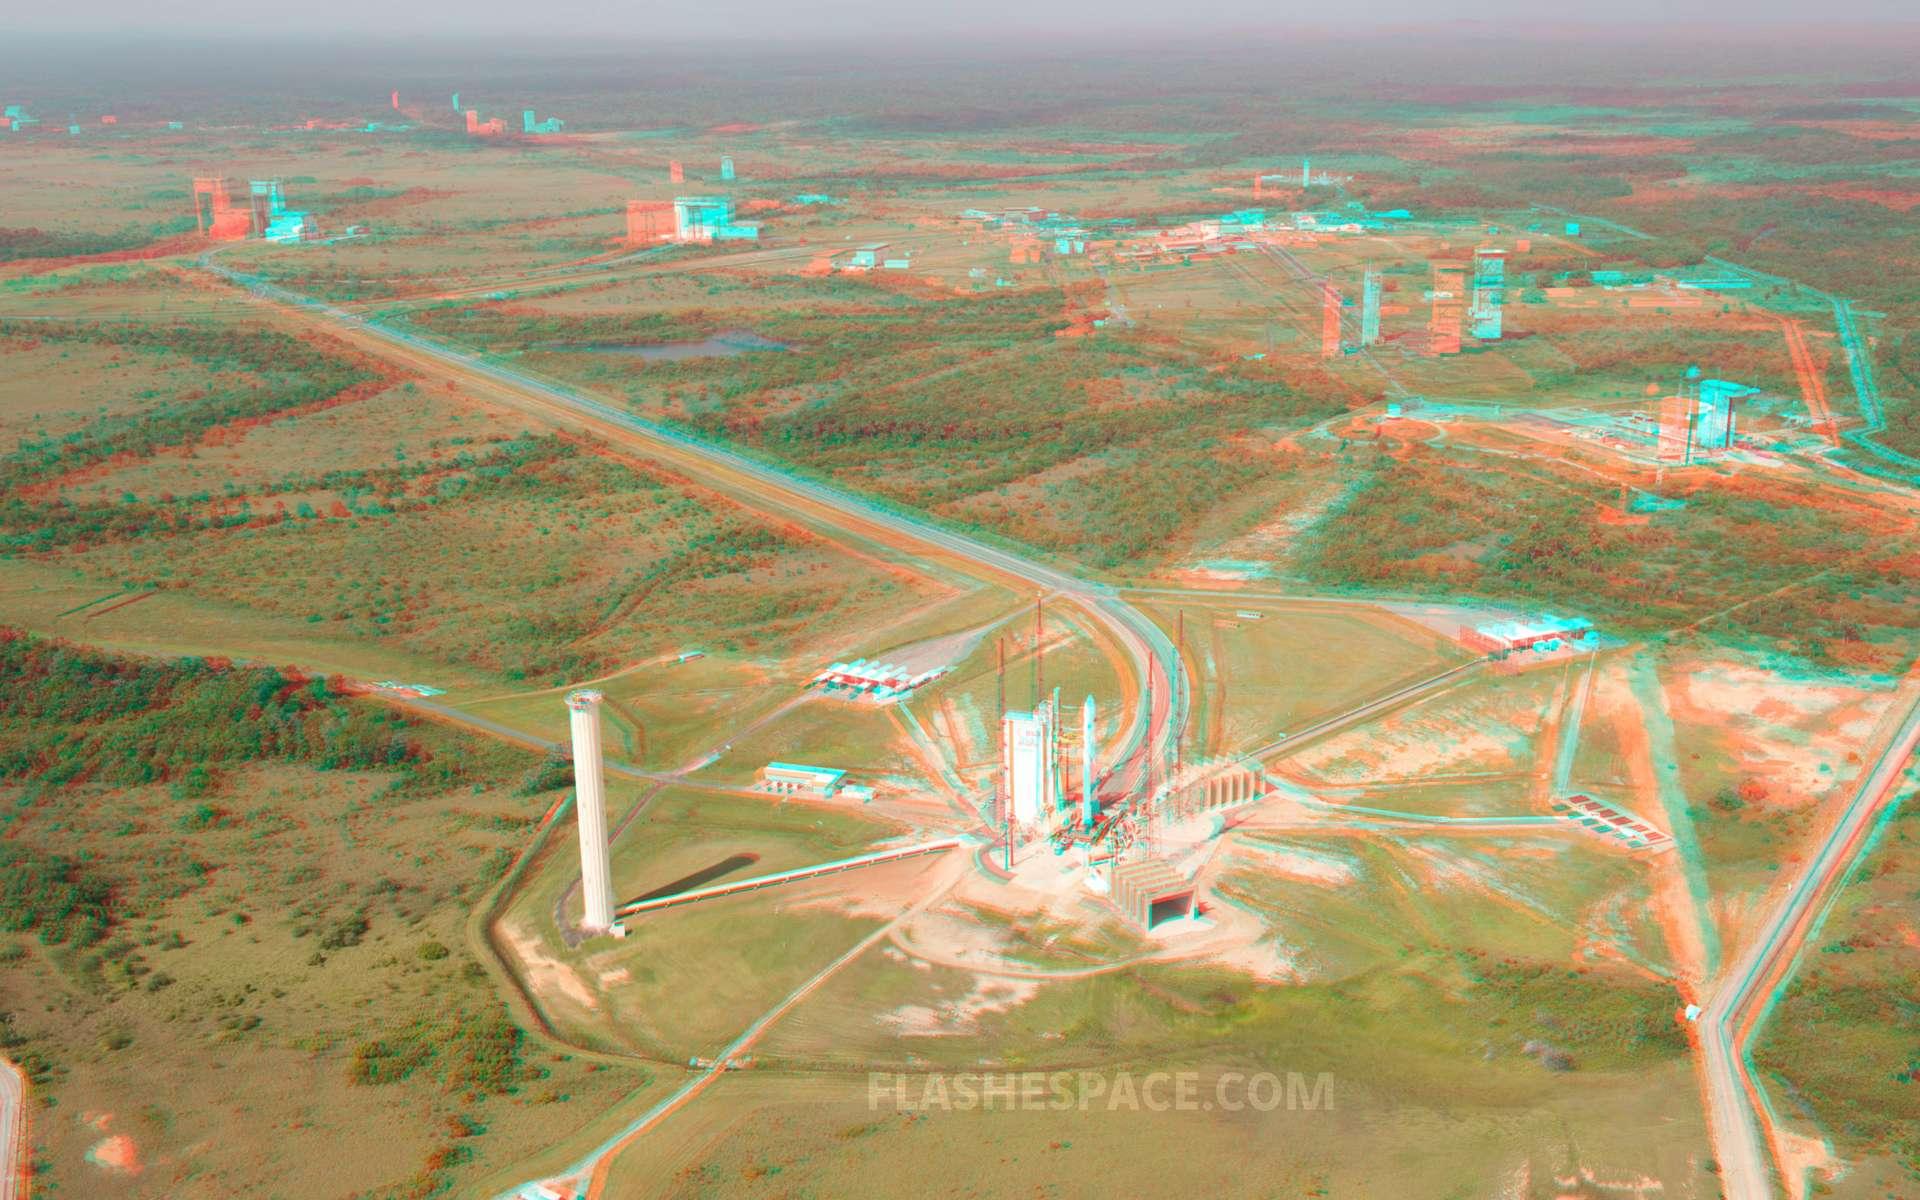 Le site de lancement d'Ariane 5 avec, au premier plan, le pas de tir, et à l'arrière-plan les différents bâtiments utilisés pour l'assemblage du lanceur. © S. Corvaja, Rémy Decourt, Esa